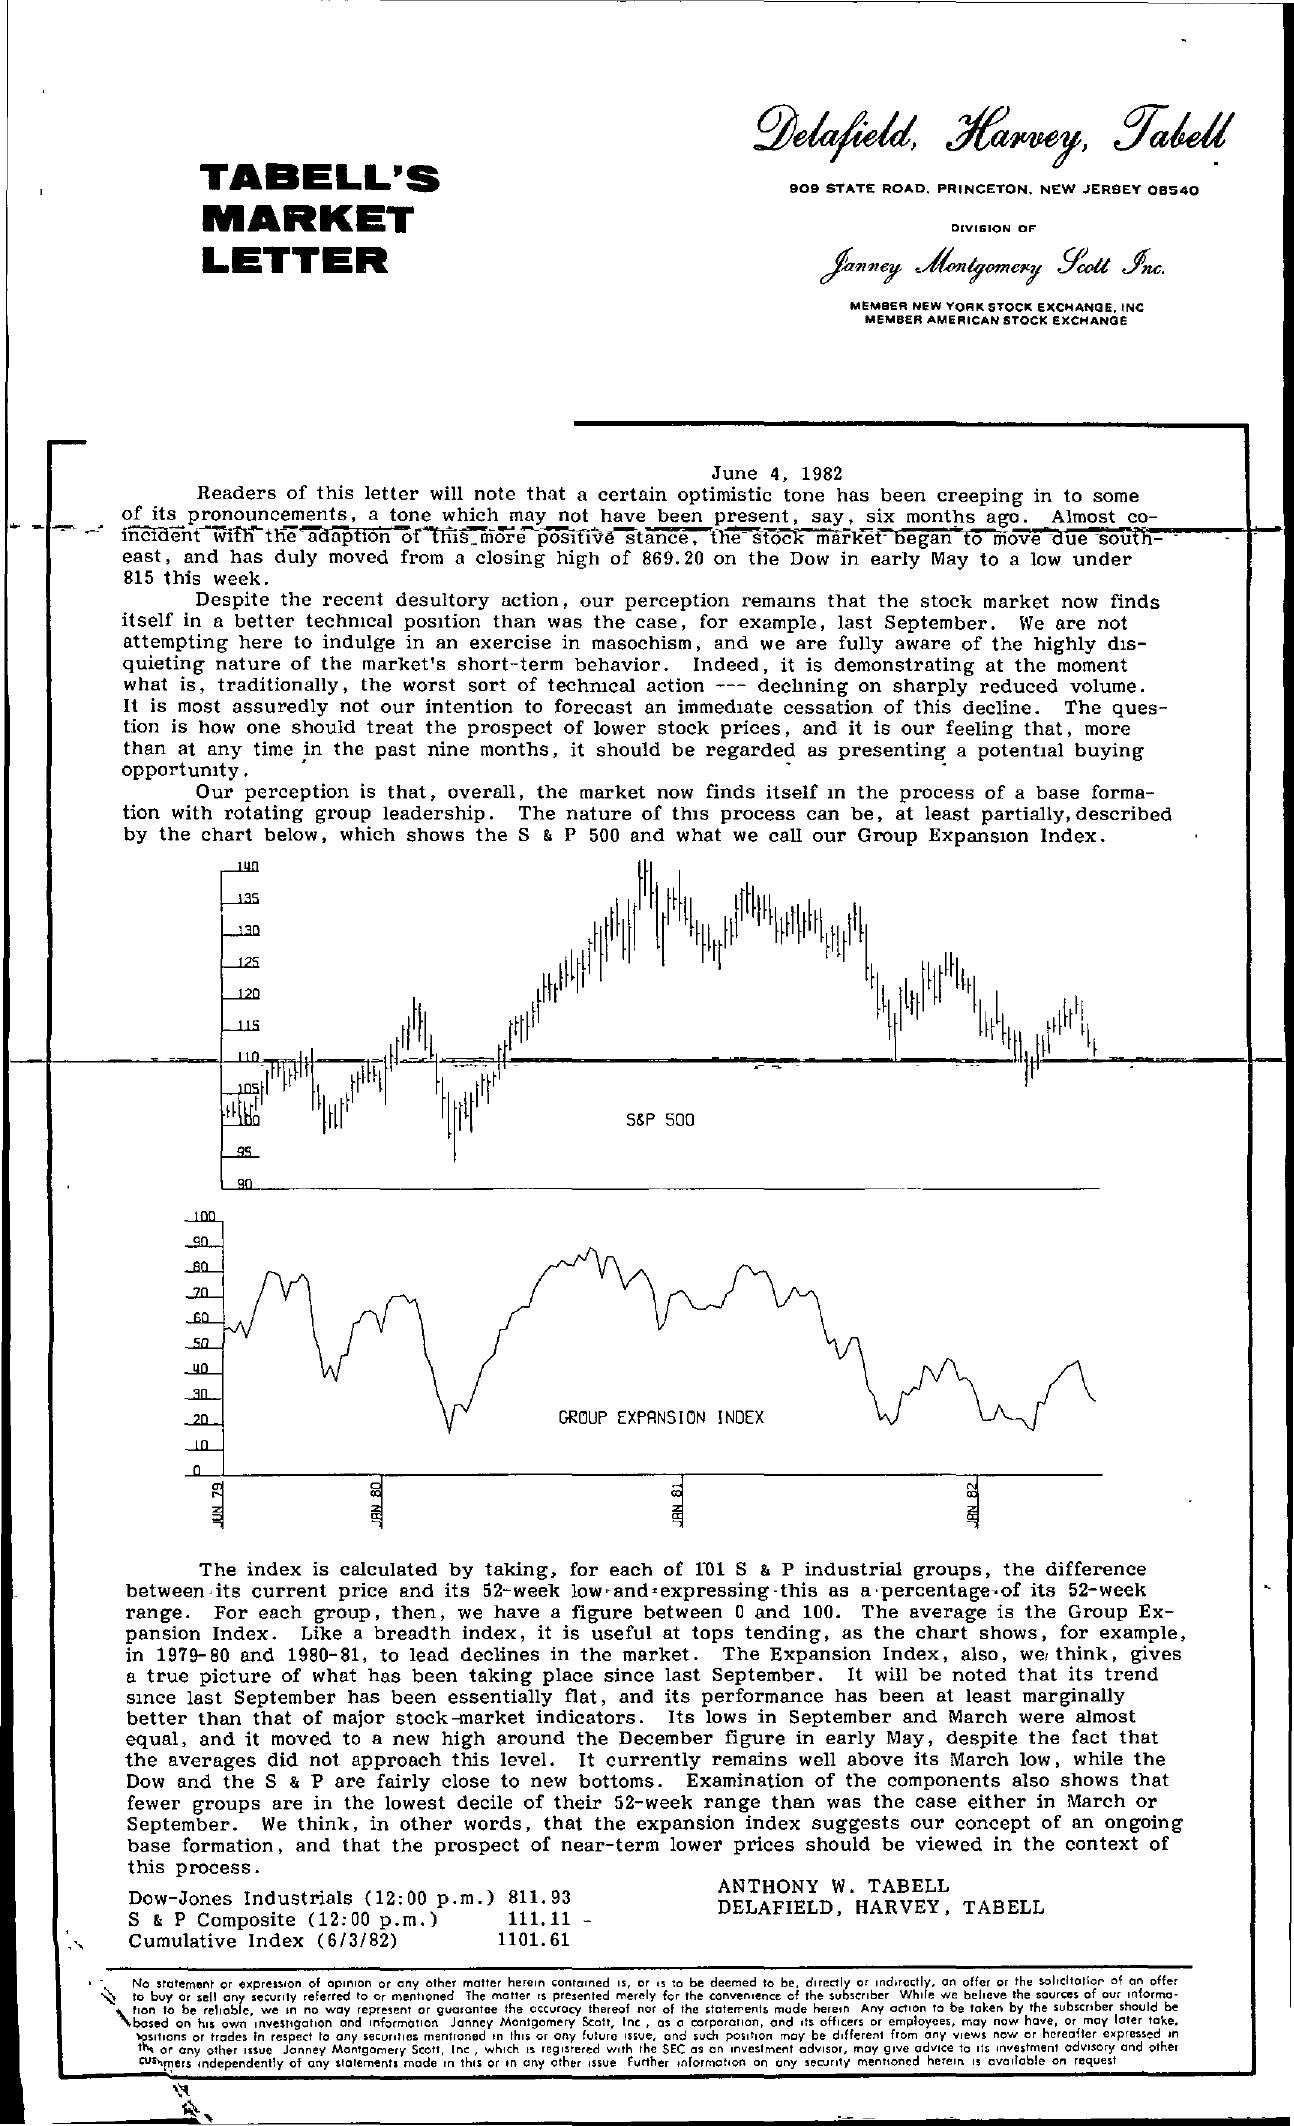 Tabell's Market Letter - June 04, 1982